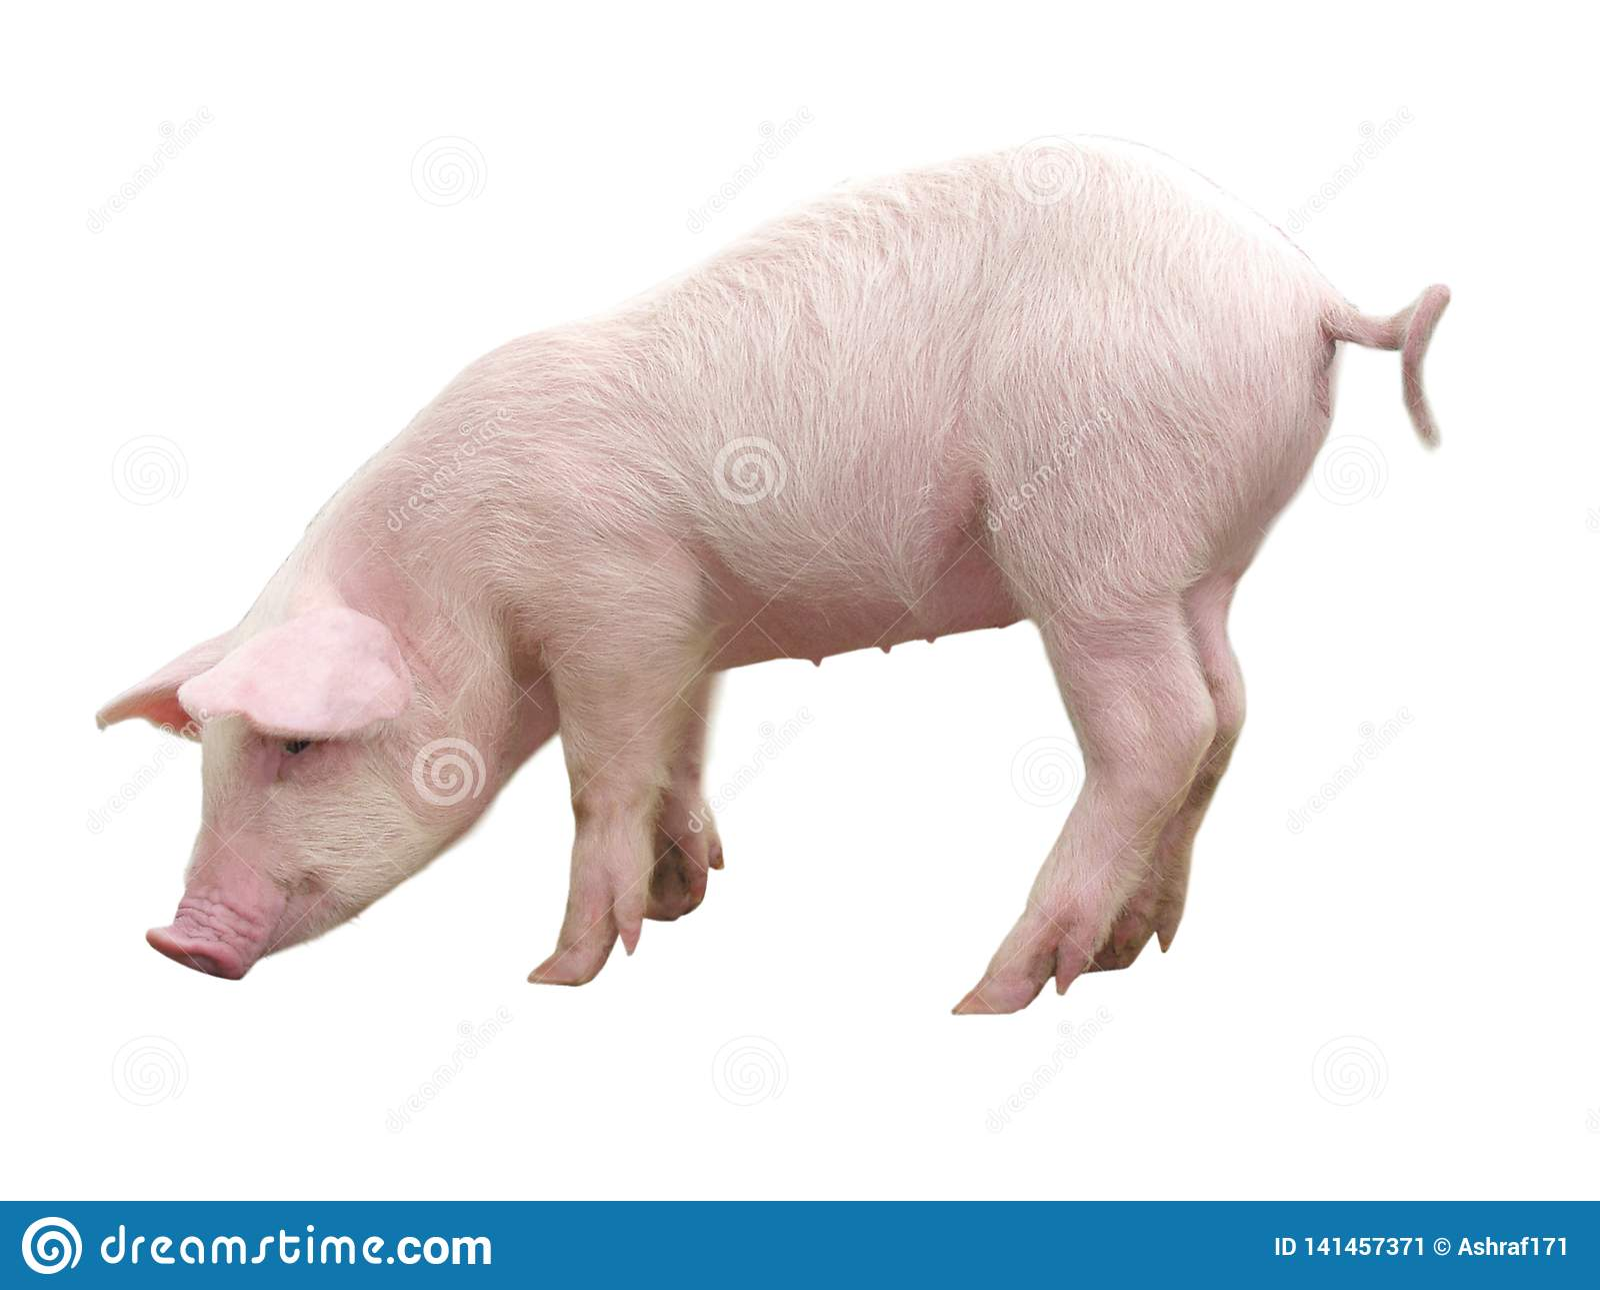 Animaux de ferme - porc qui est représenté sur un fond blanc - image